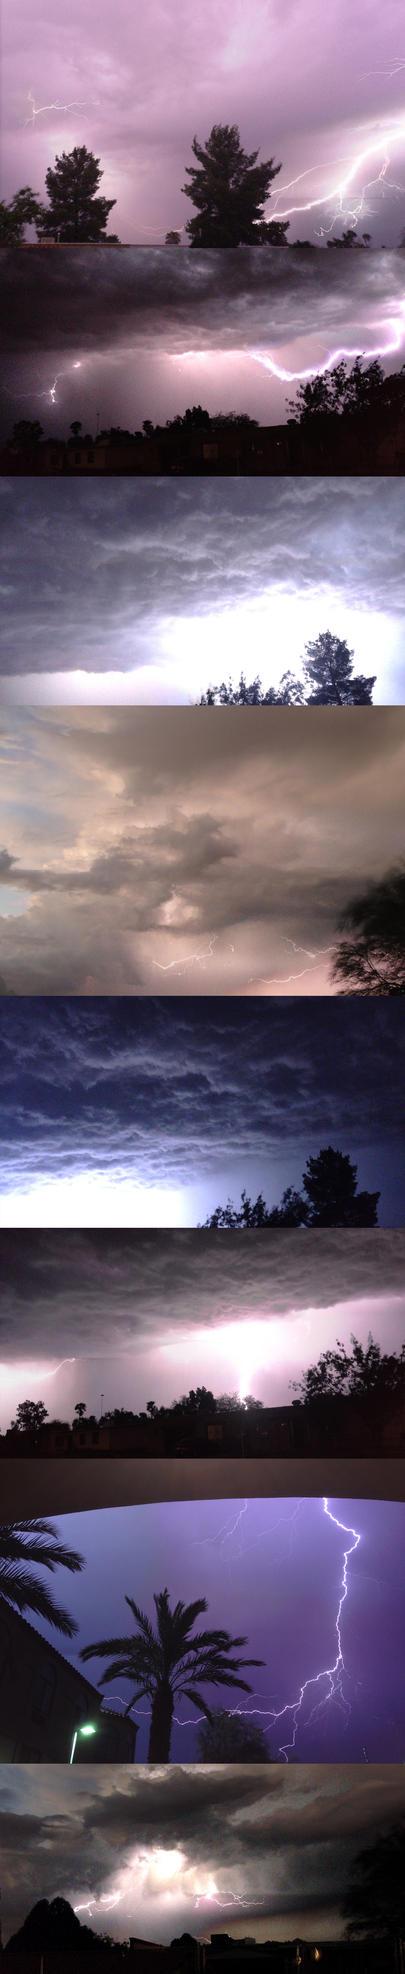 Lightning by rhesusmonkey